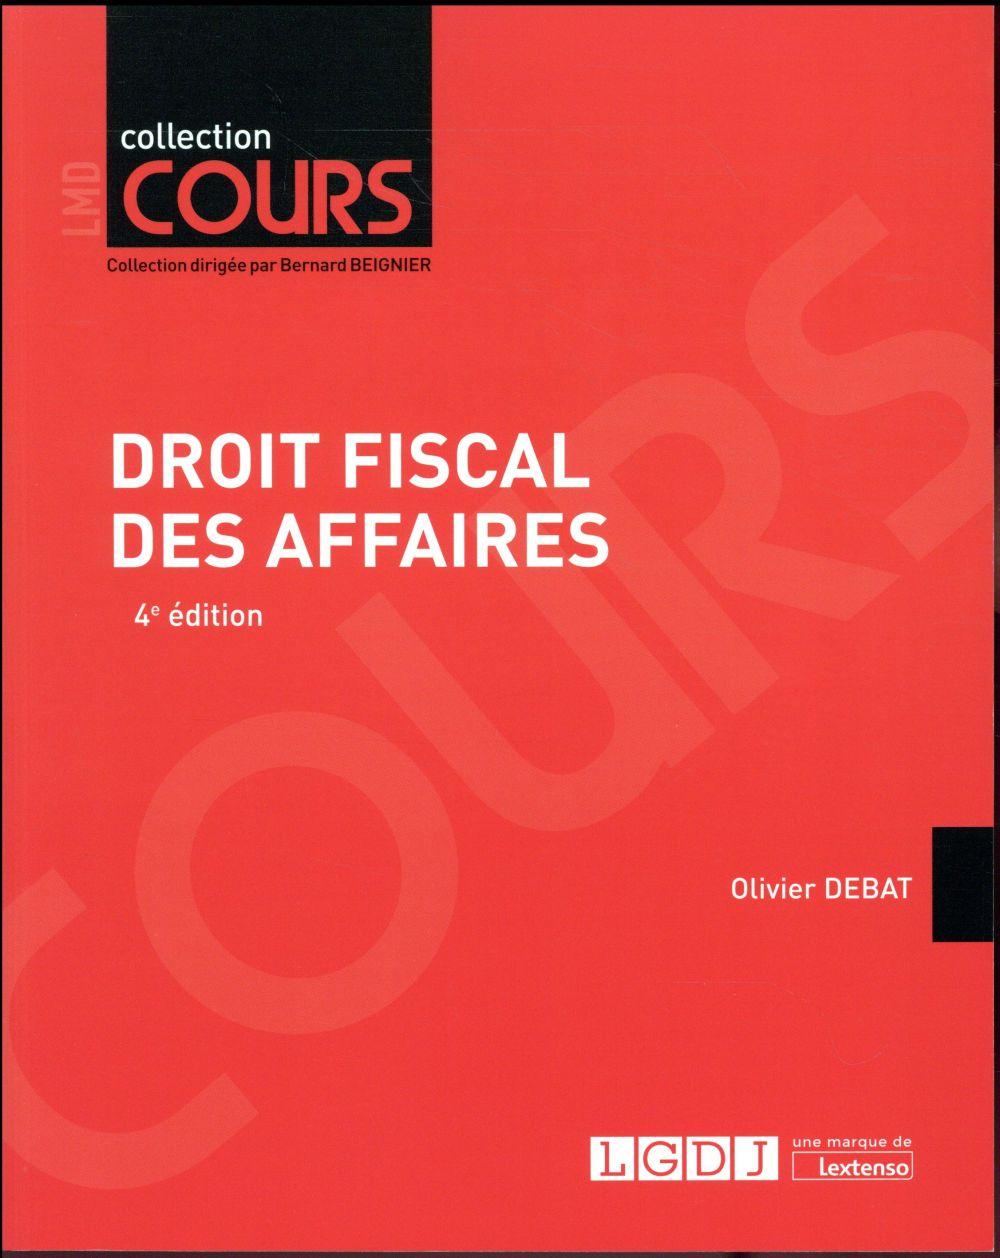 Droit fiscal des affaires (4e édition)